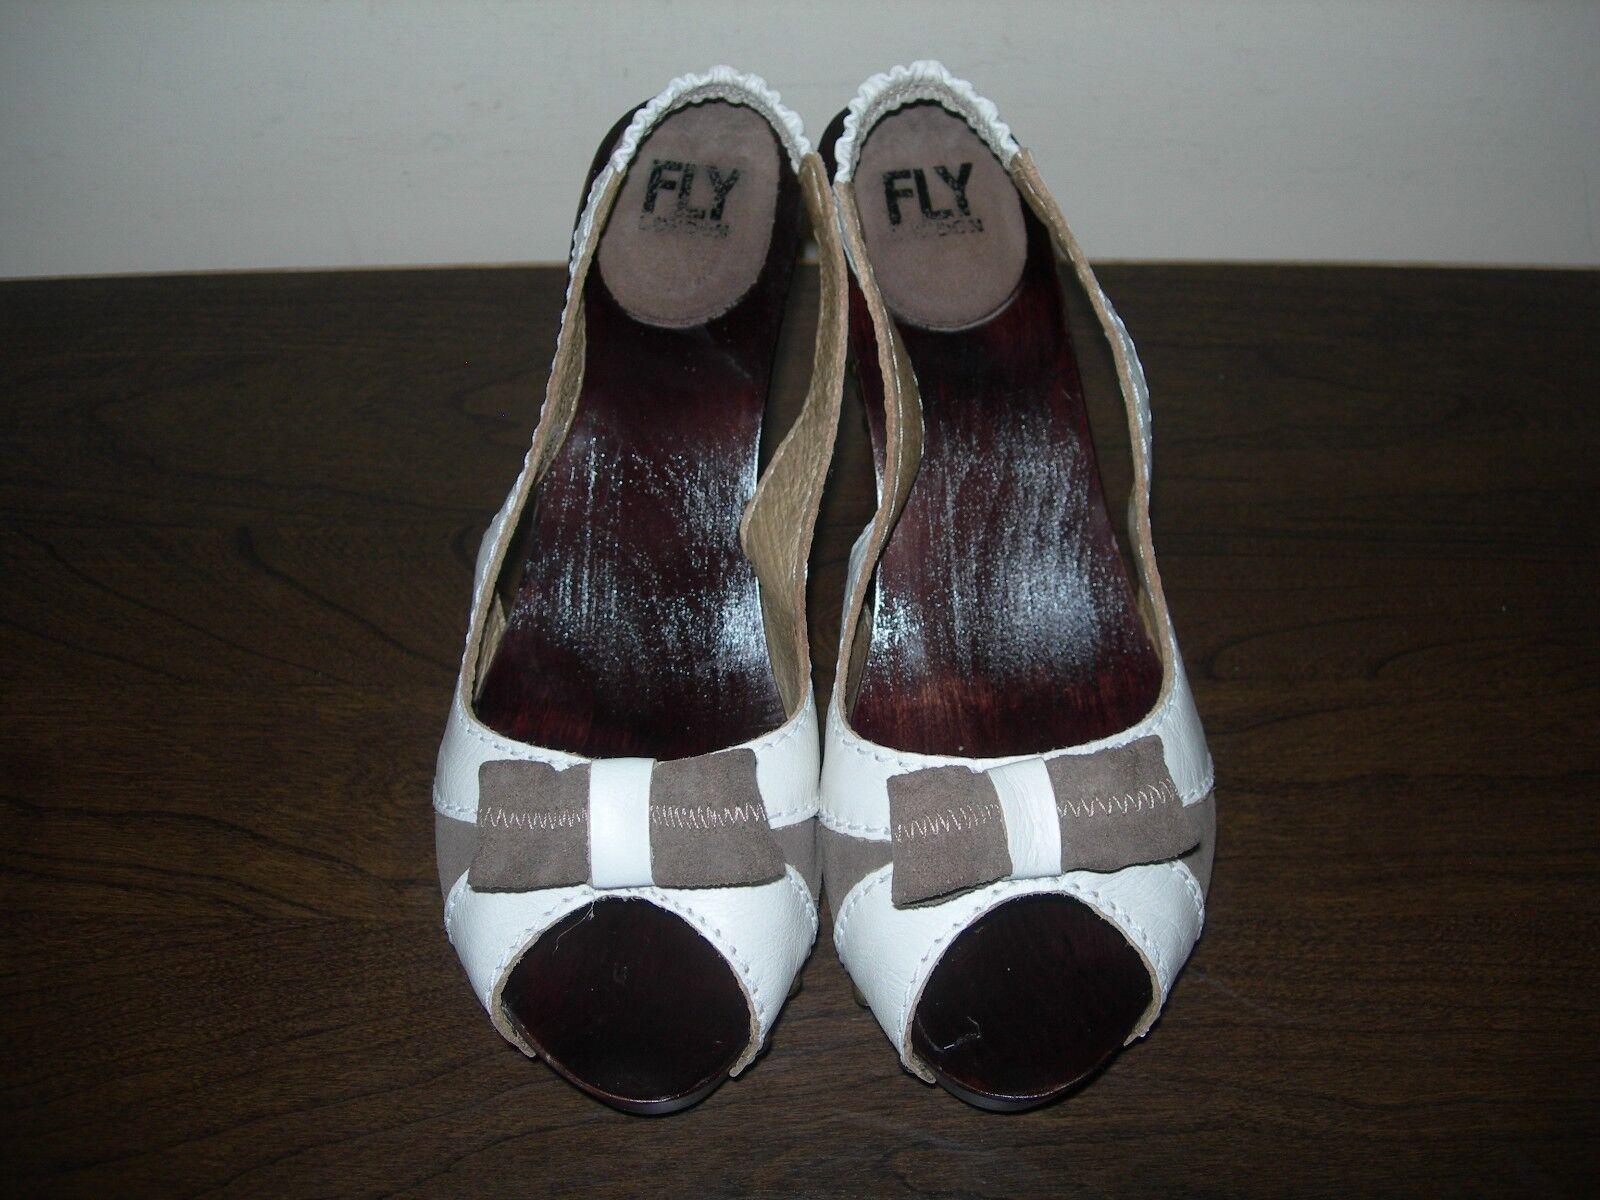 Fly London Para mujeres Sandalias Tacones Zapatos peep toes toes toes cuero madera EU 38 UK 5 0c0223